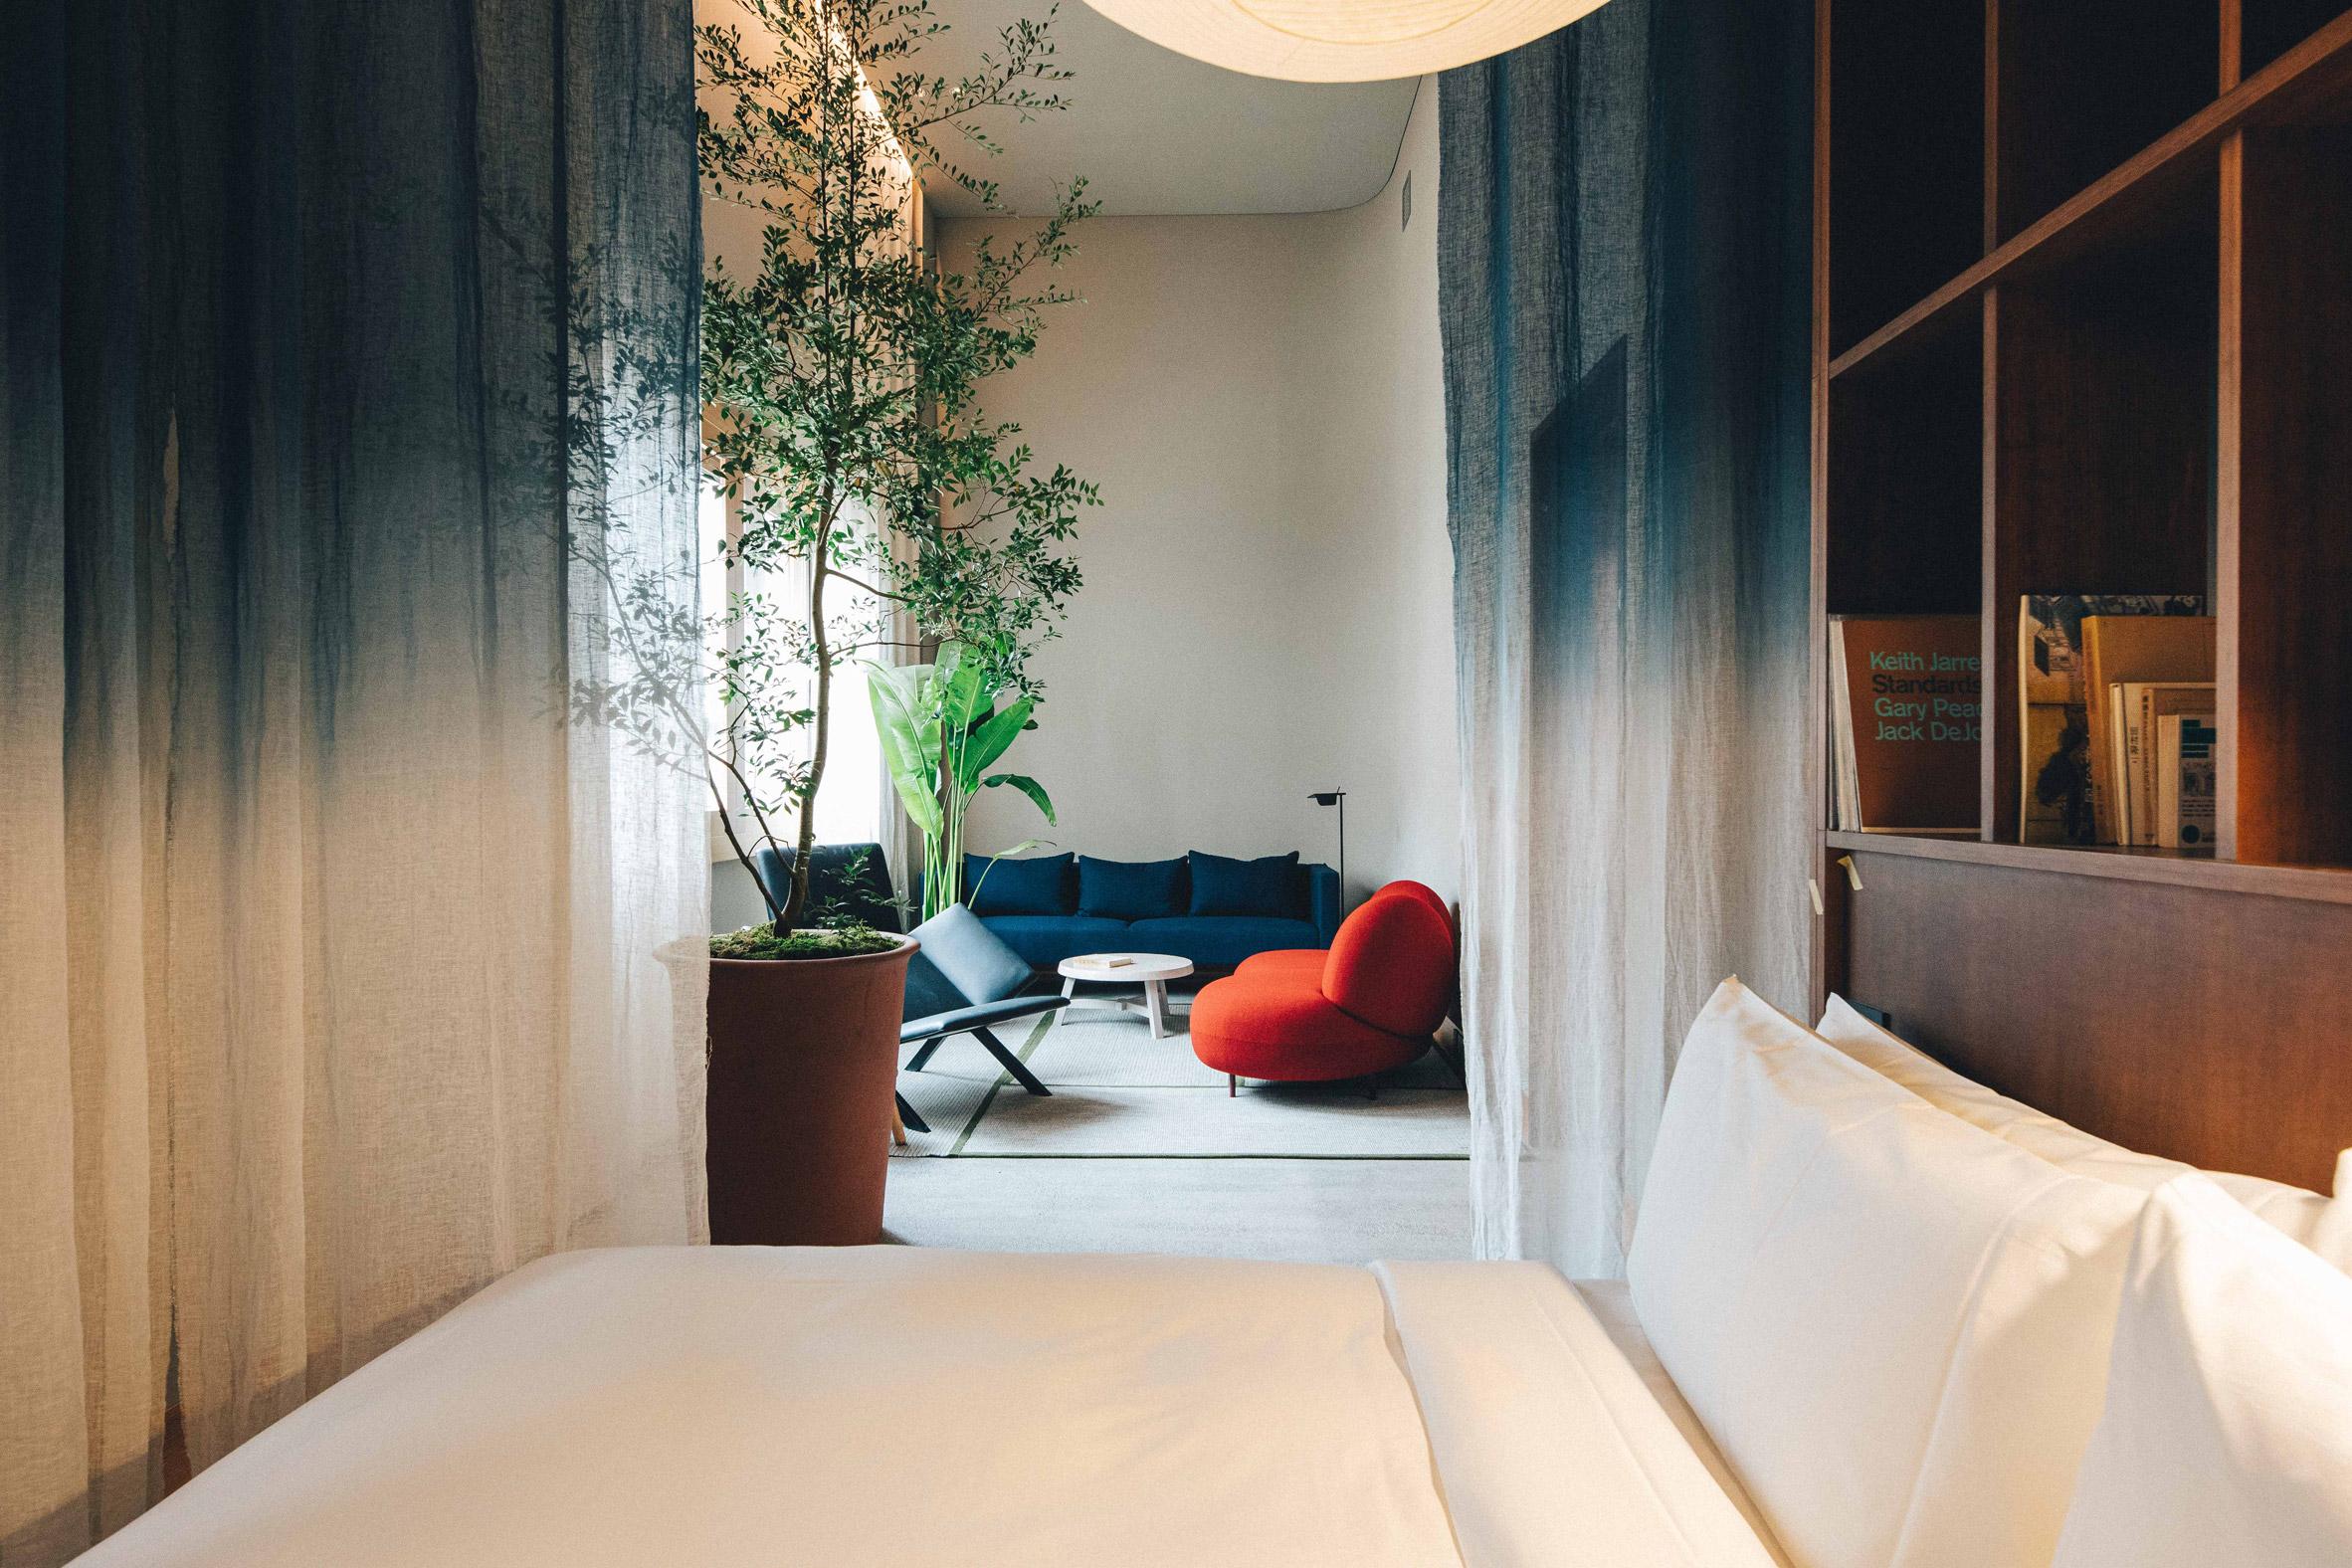 Thiết kế nội thất khách sạn3 sao 1